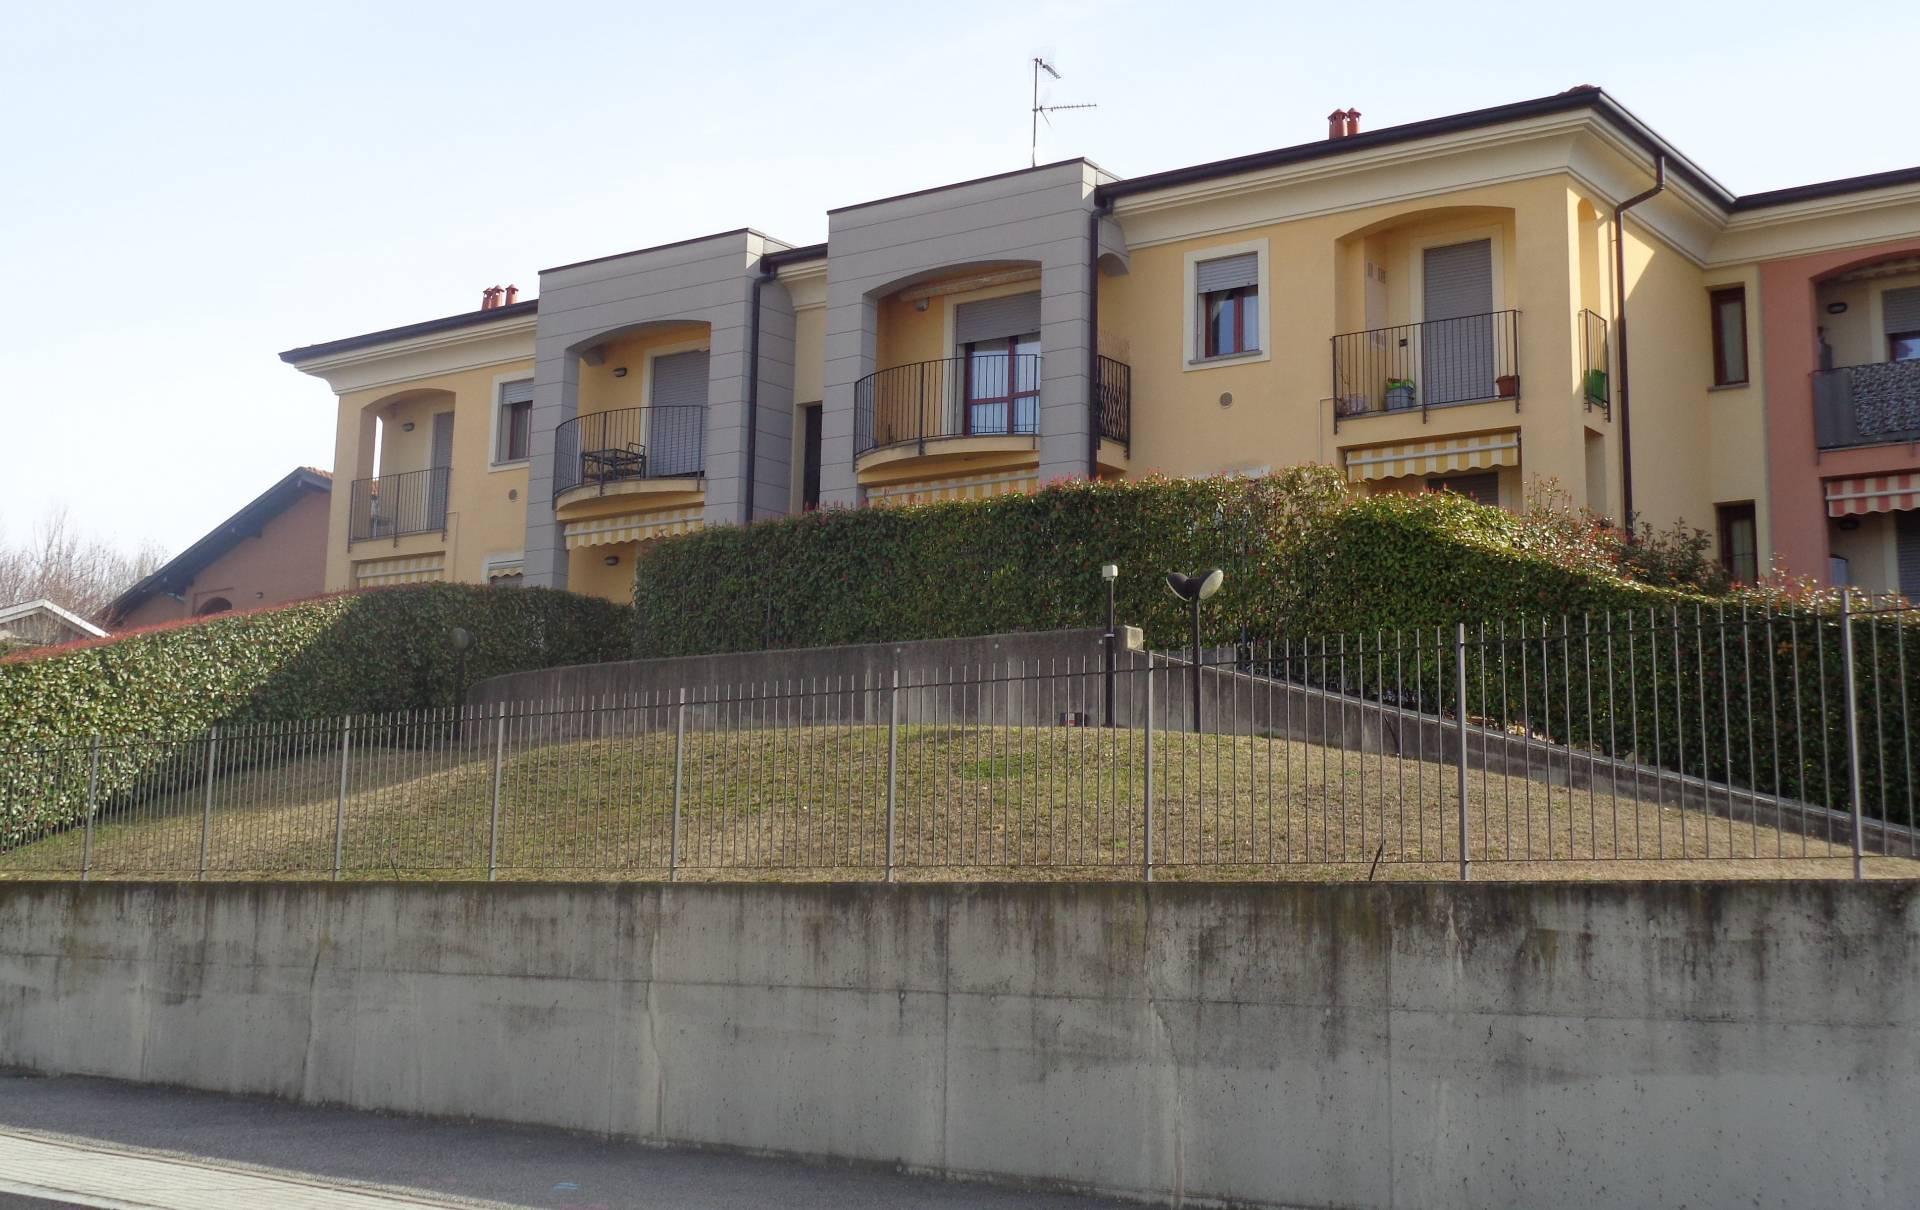 Appartamento in vendita a Castiglione Olona, 3 locali, prezzo € 149.000 | PortaleAgenzieImmobiliari.it